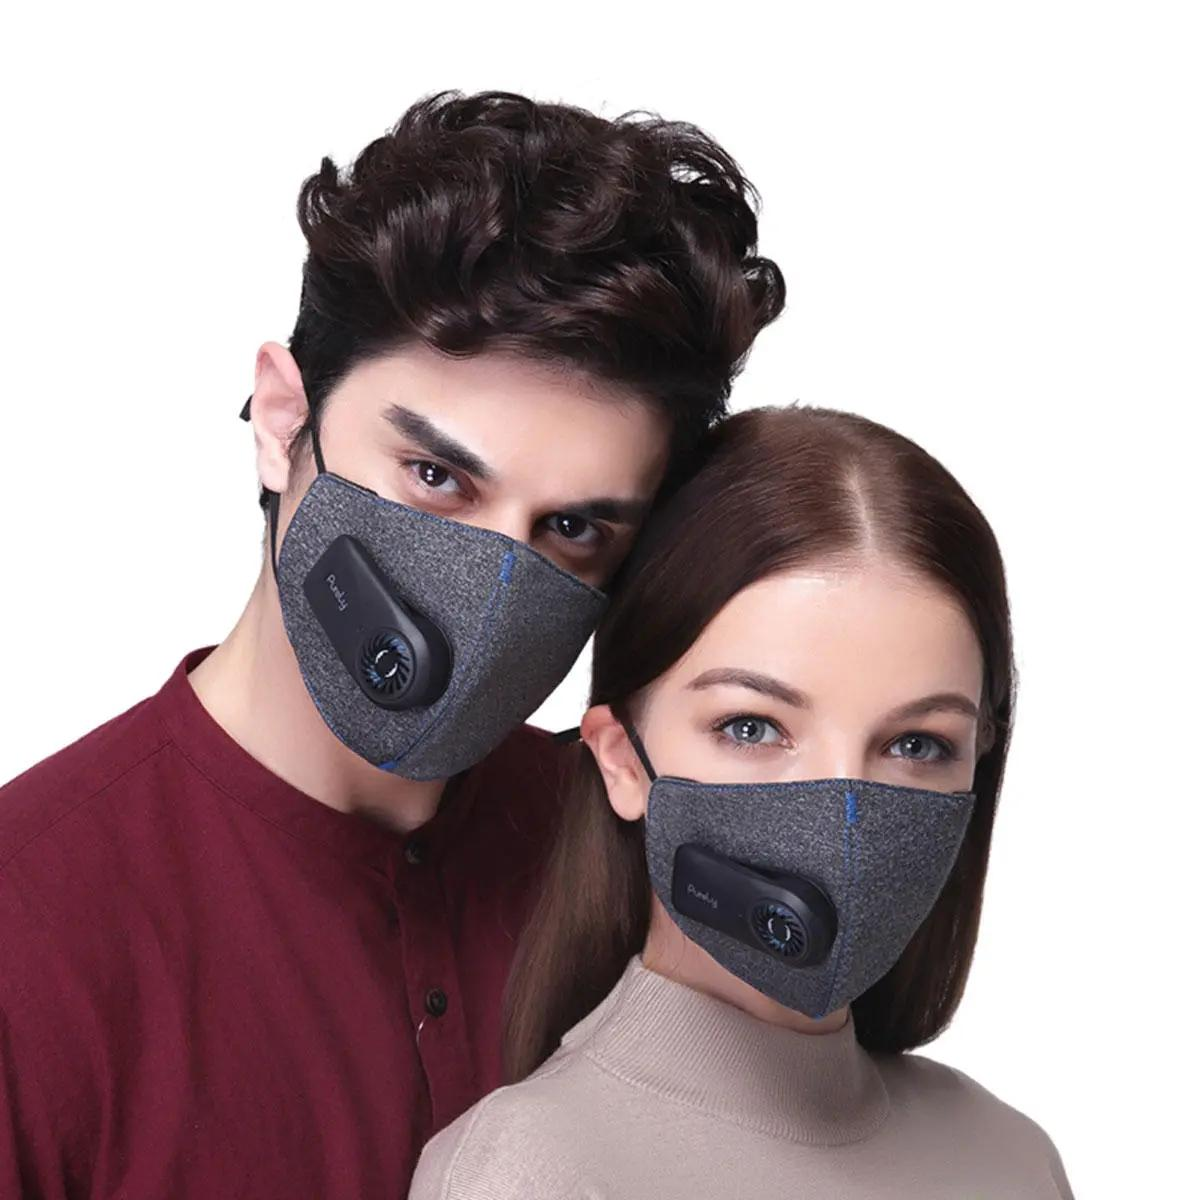 في الهواء الطلق ركوب الدراجات قابل للغسل الفم قناع الوجه PM2.5 تصفية وتنقية الكهربائية للجنسين المشي لمسافات طويلة الجري